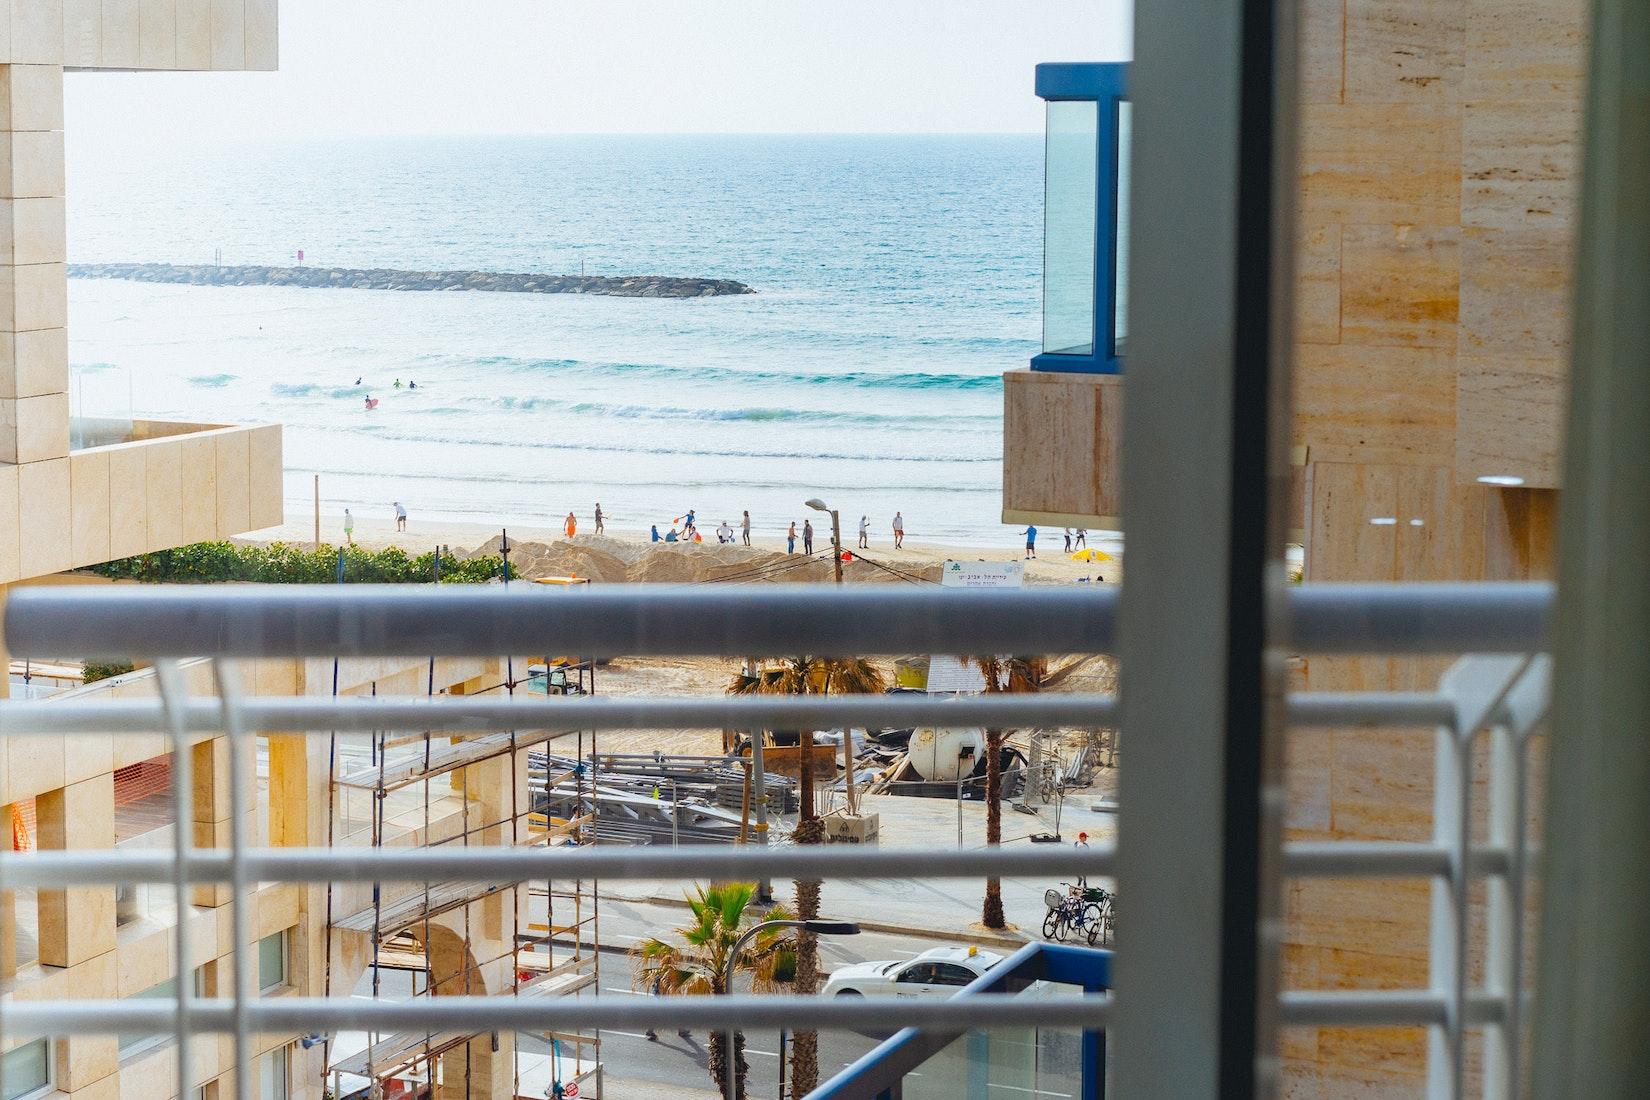 View of a beach in Tel Aviv, Israel